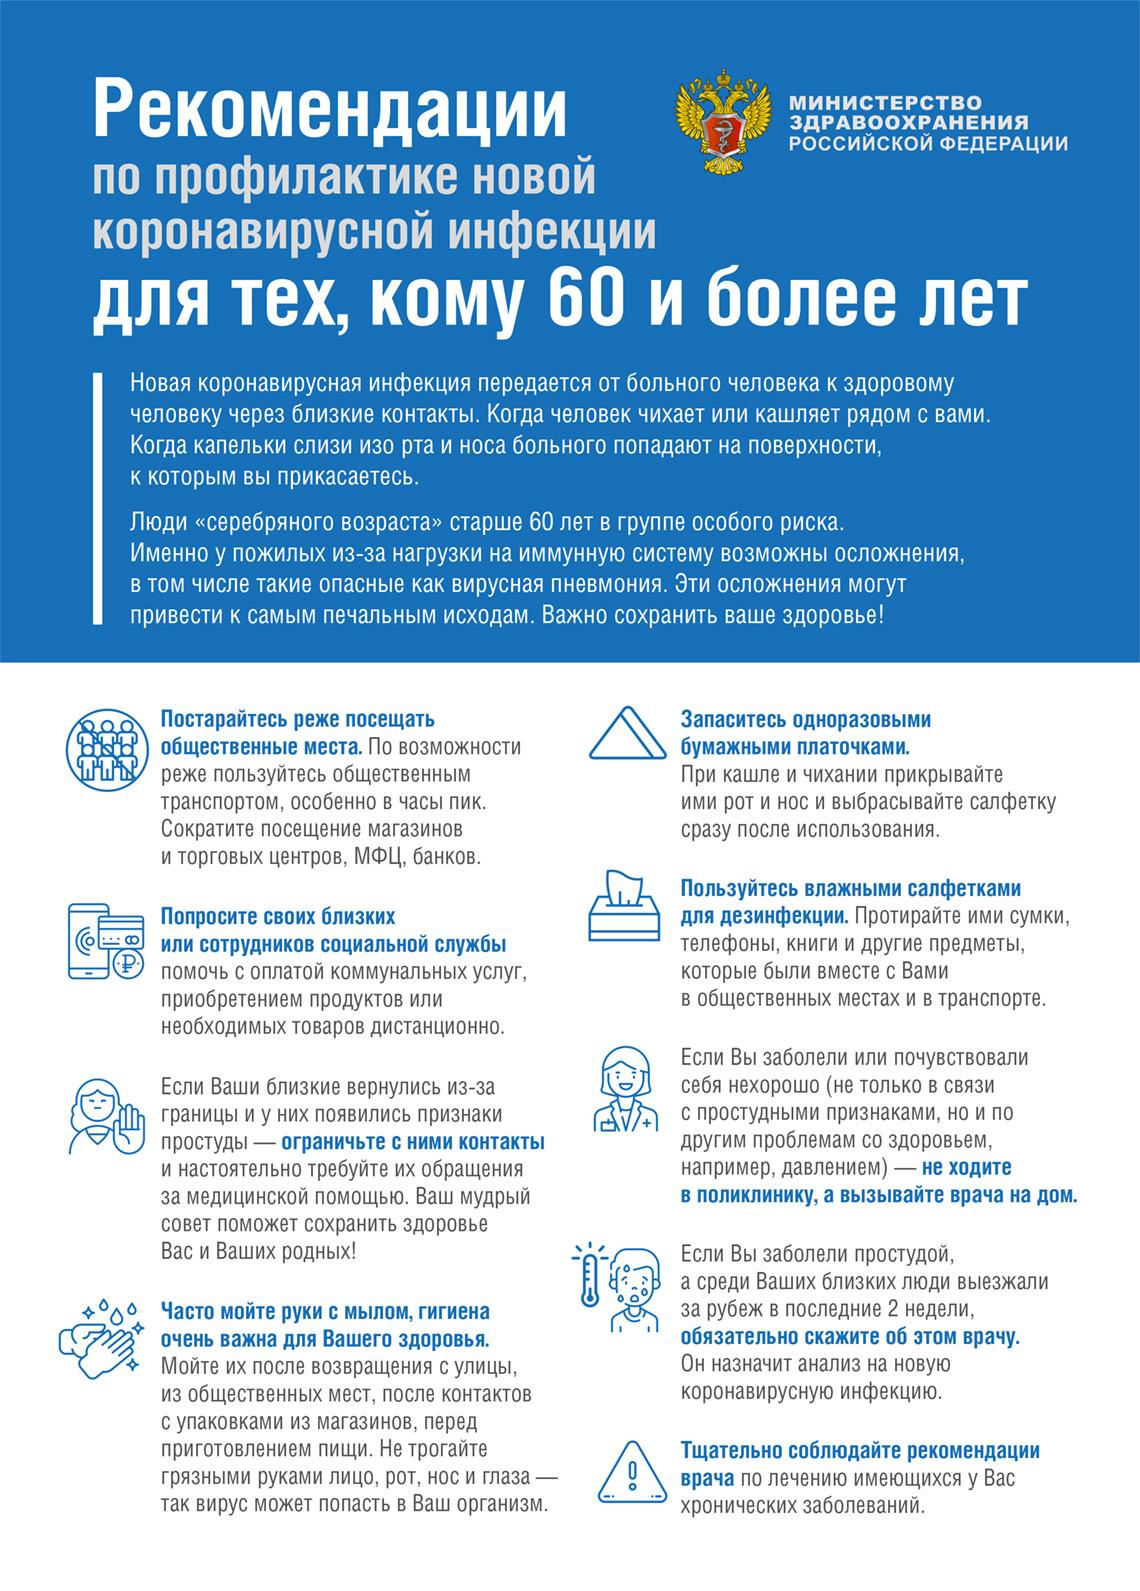 Для профилактики коронавируса используйте дистанционные сервисы НО РФКР